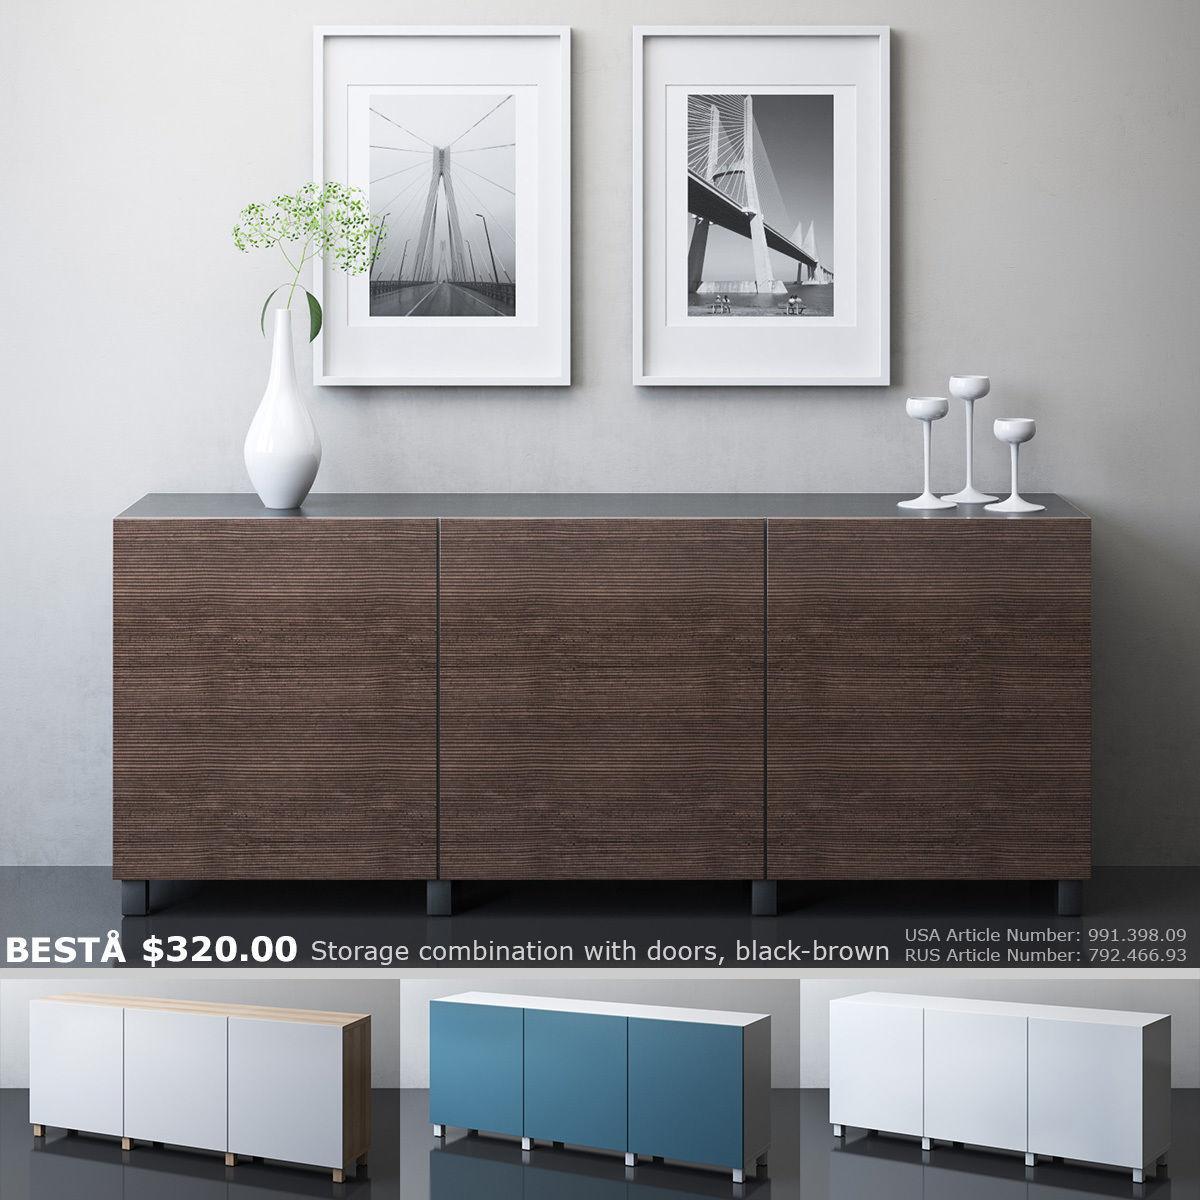 IKEA BESTA Storage Combination With Doors 3D Model